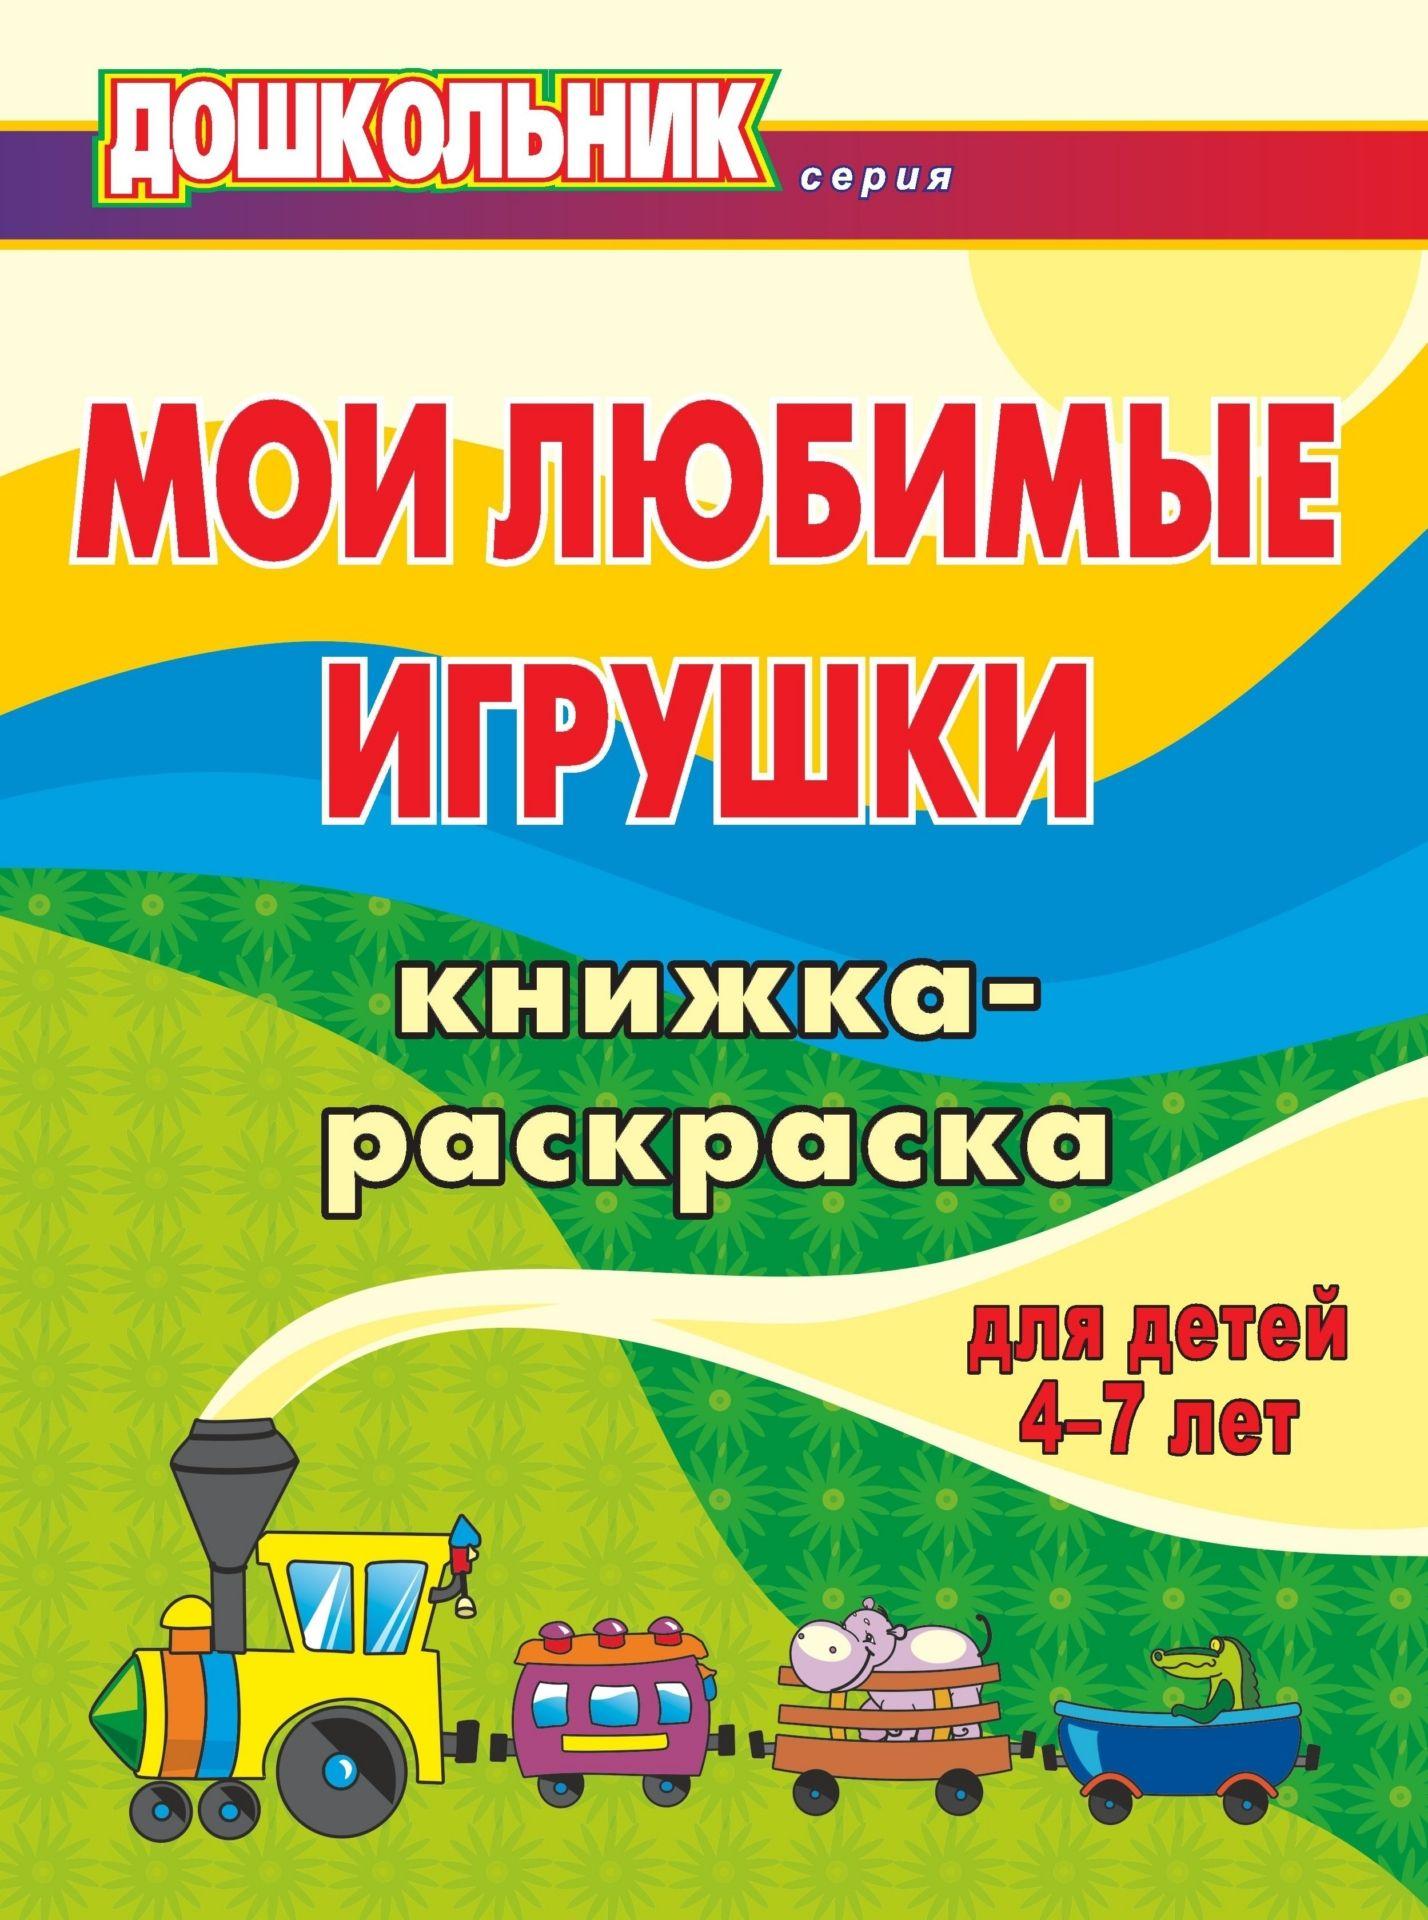 Мои любимые игрушки: книжка-раскраска для детей 4-7 летЗанятия с детьми дошкольного возраста<br>Основное назначение книги-раскраски - помочь родителям и педагогам в подготовке детей к школе: пробудить их любознательность, активизировать мыслительные процессы, развивать речь, память, внимание, воображение, мелкую моторику, формировать навыки штриховк...<br><br>Авторы: Арсенина Е. Н.<br>Год: 2008<br>Серия: Дошкольник<br>ISBN: 978-5-7057-1857-3<br>Высота: 280<br>Ширина: 212<br>Толщина: 1